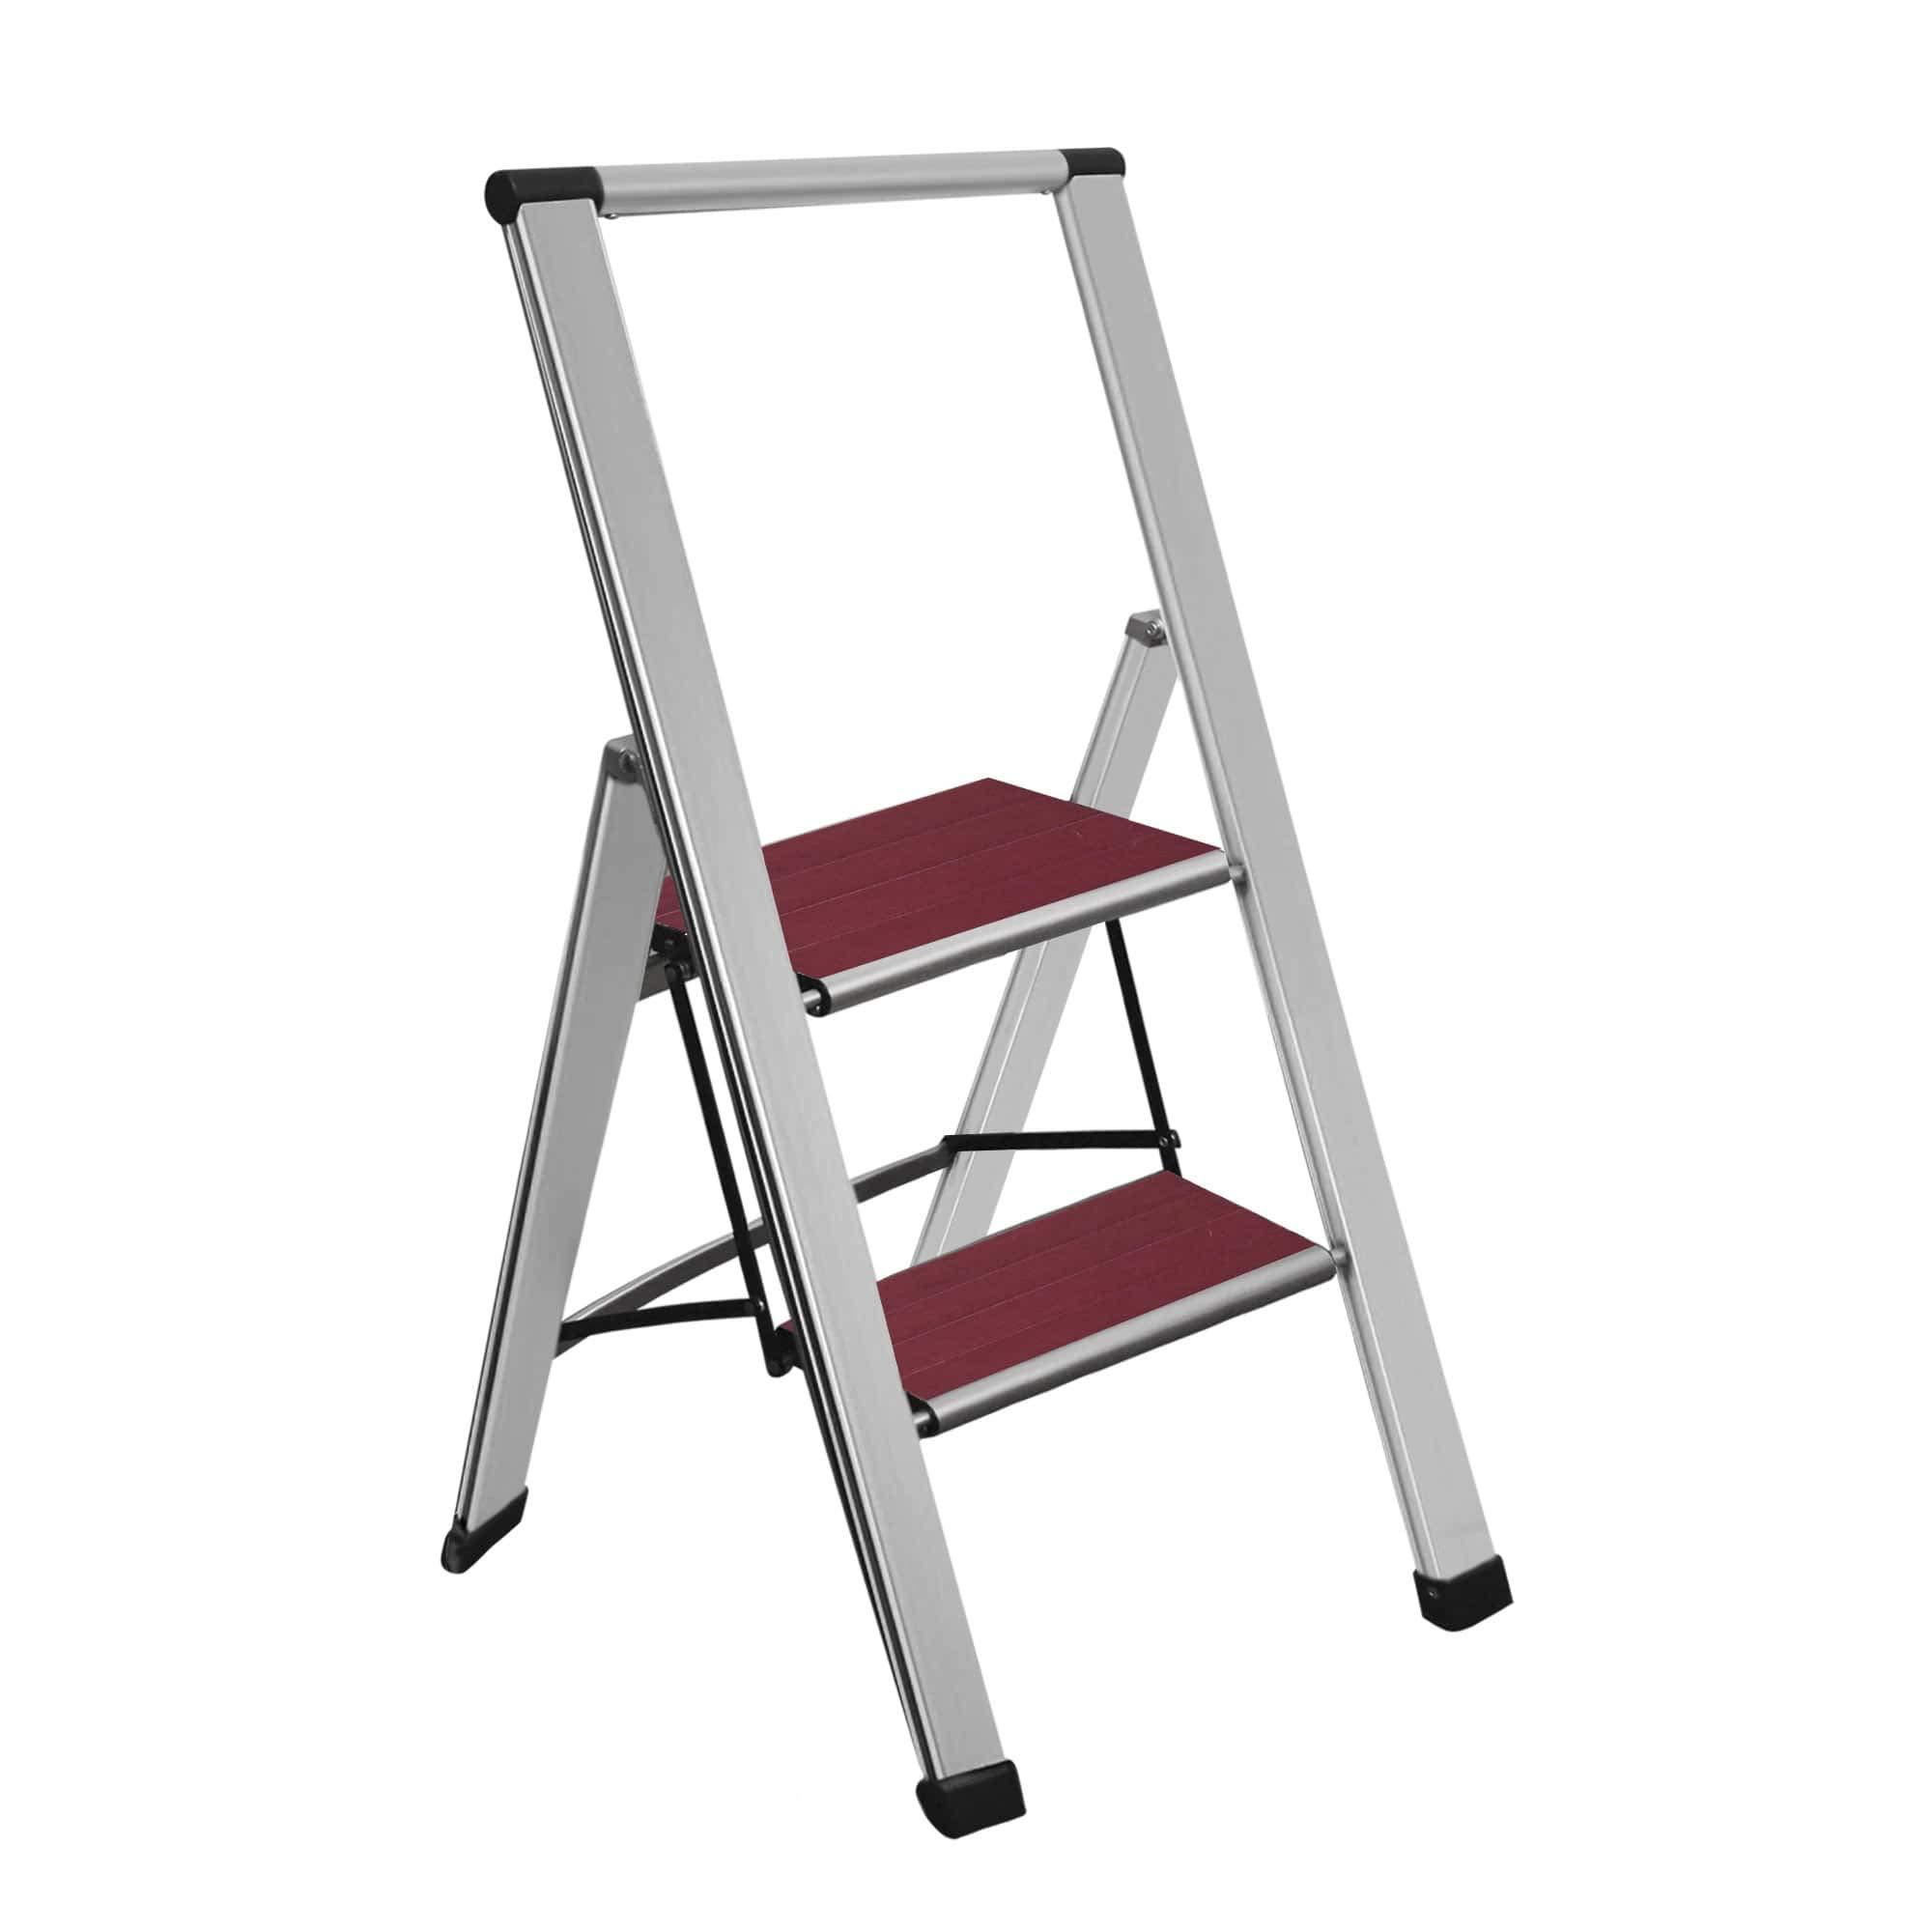 Escalera plegable de aluminio de 3 peldaños, antideslizante, resistente, ligera y diseño delgado: Amazon.es: Bricolaje y herramientas